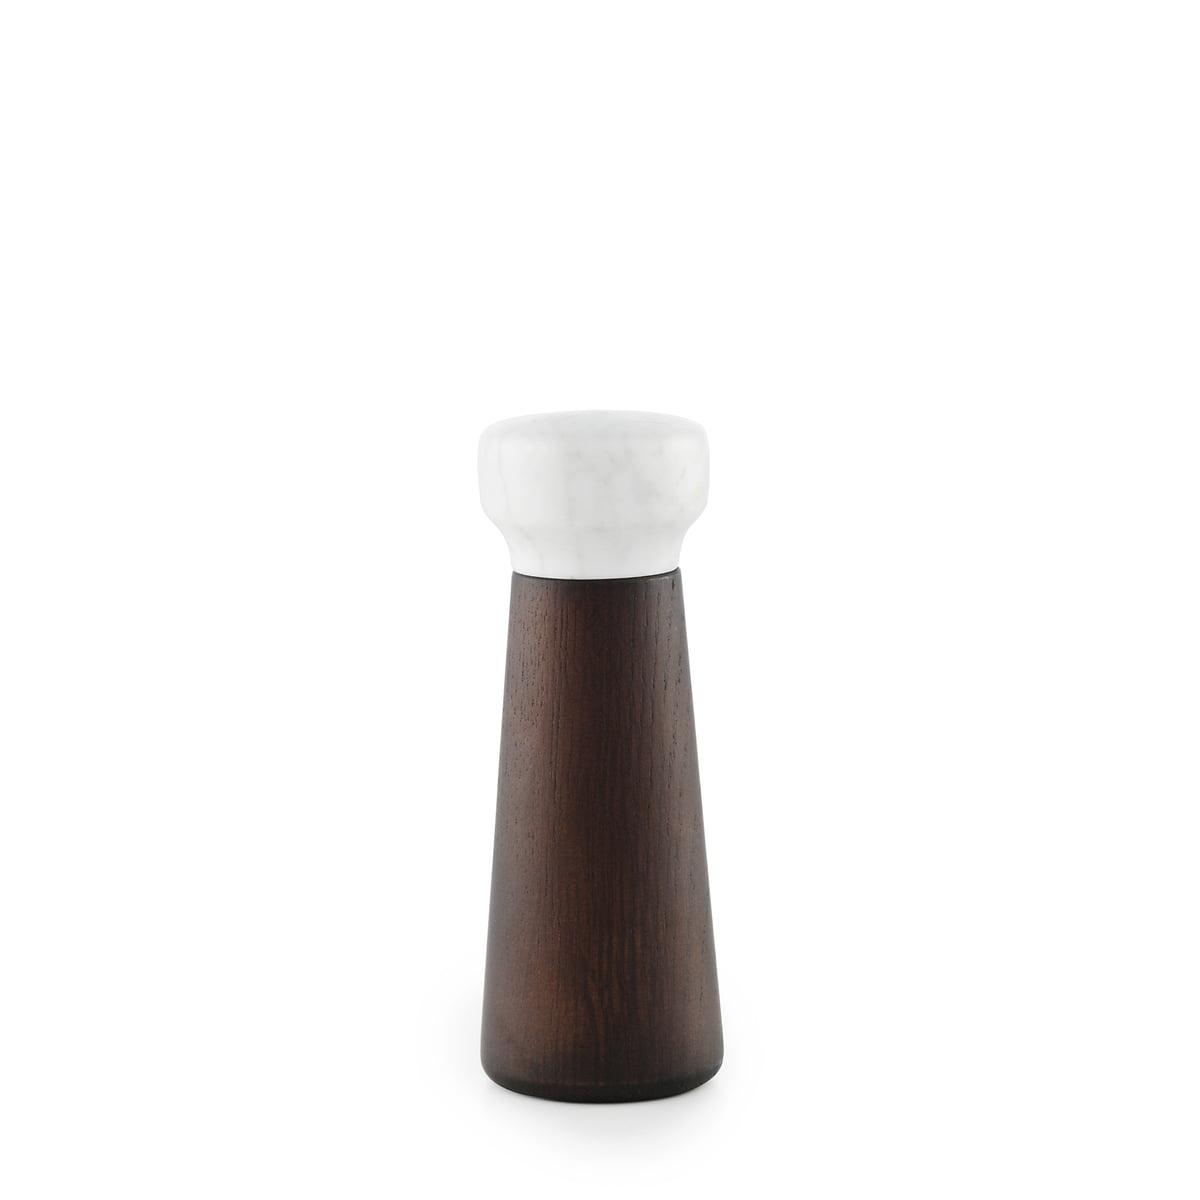 Normann Copenhagen - Moulin à sel artisanal petit modèle, chêne teinté / marbre blanc